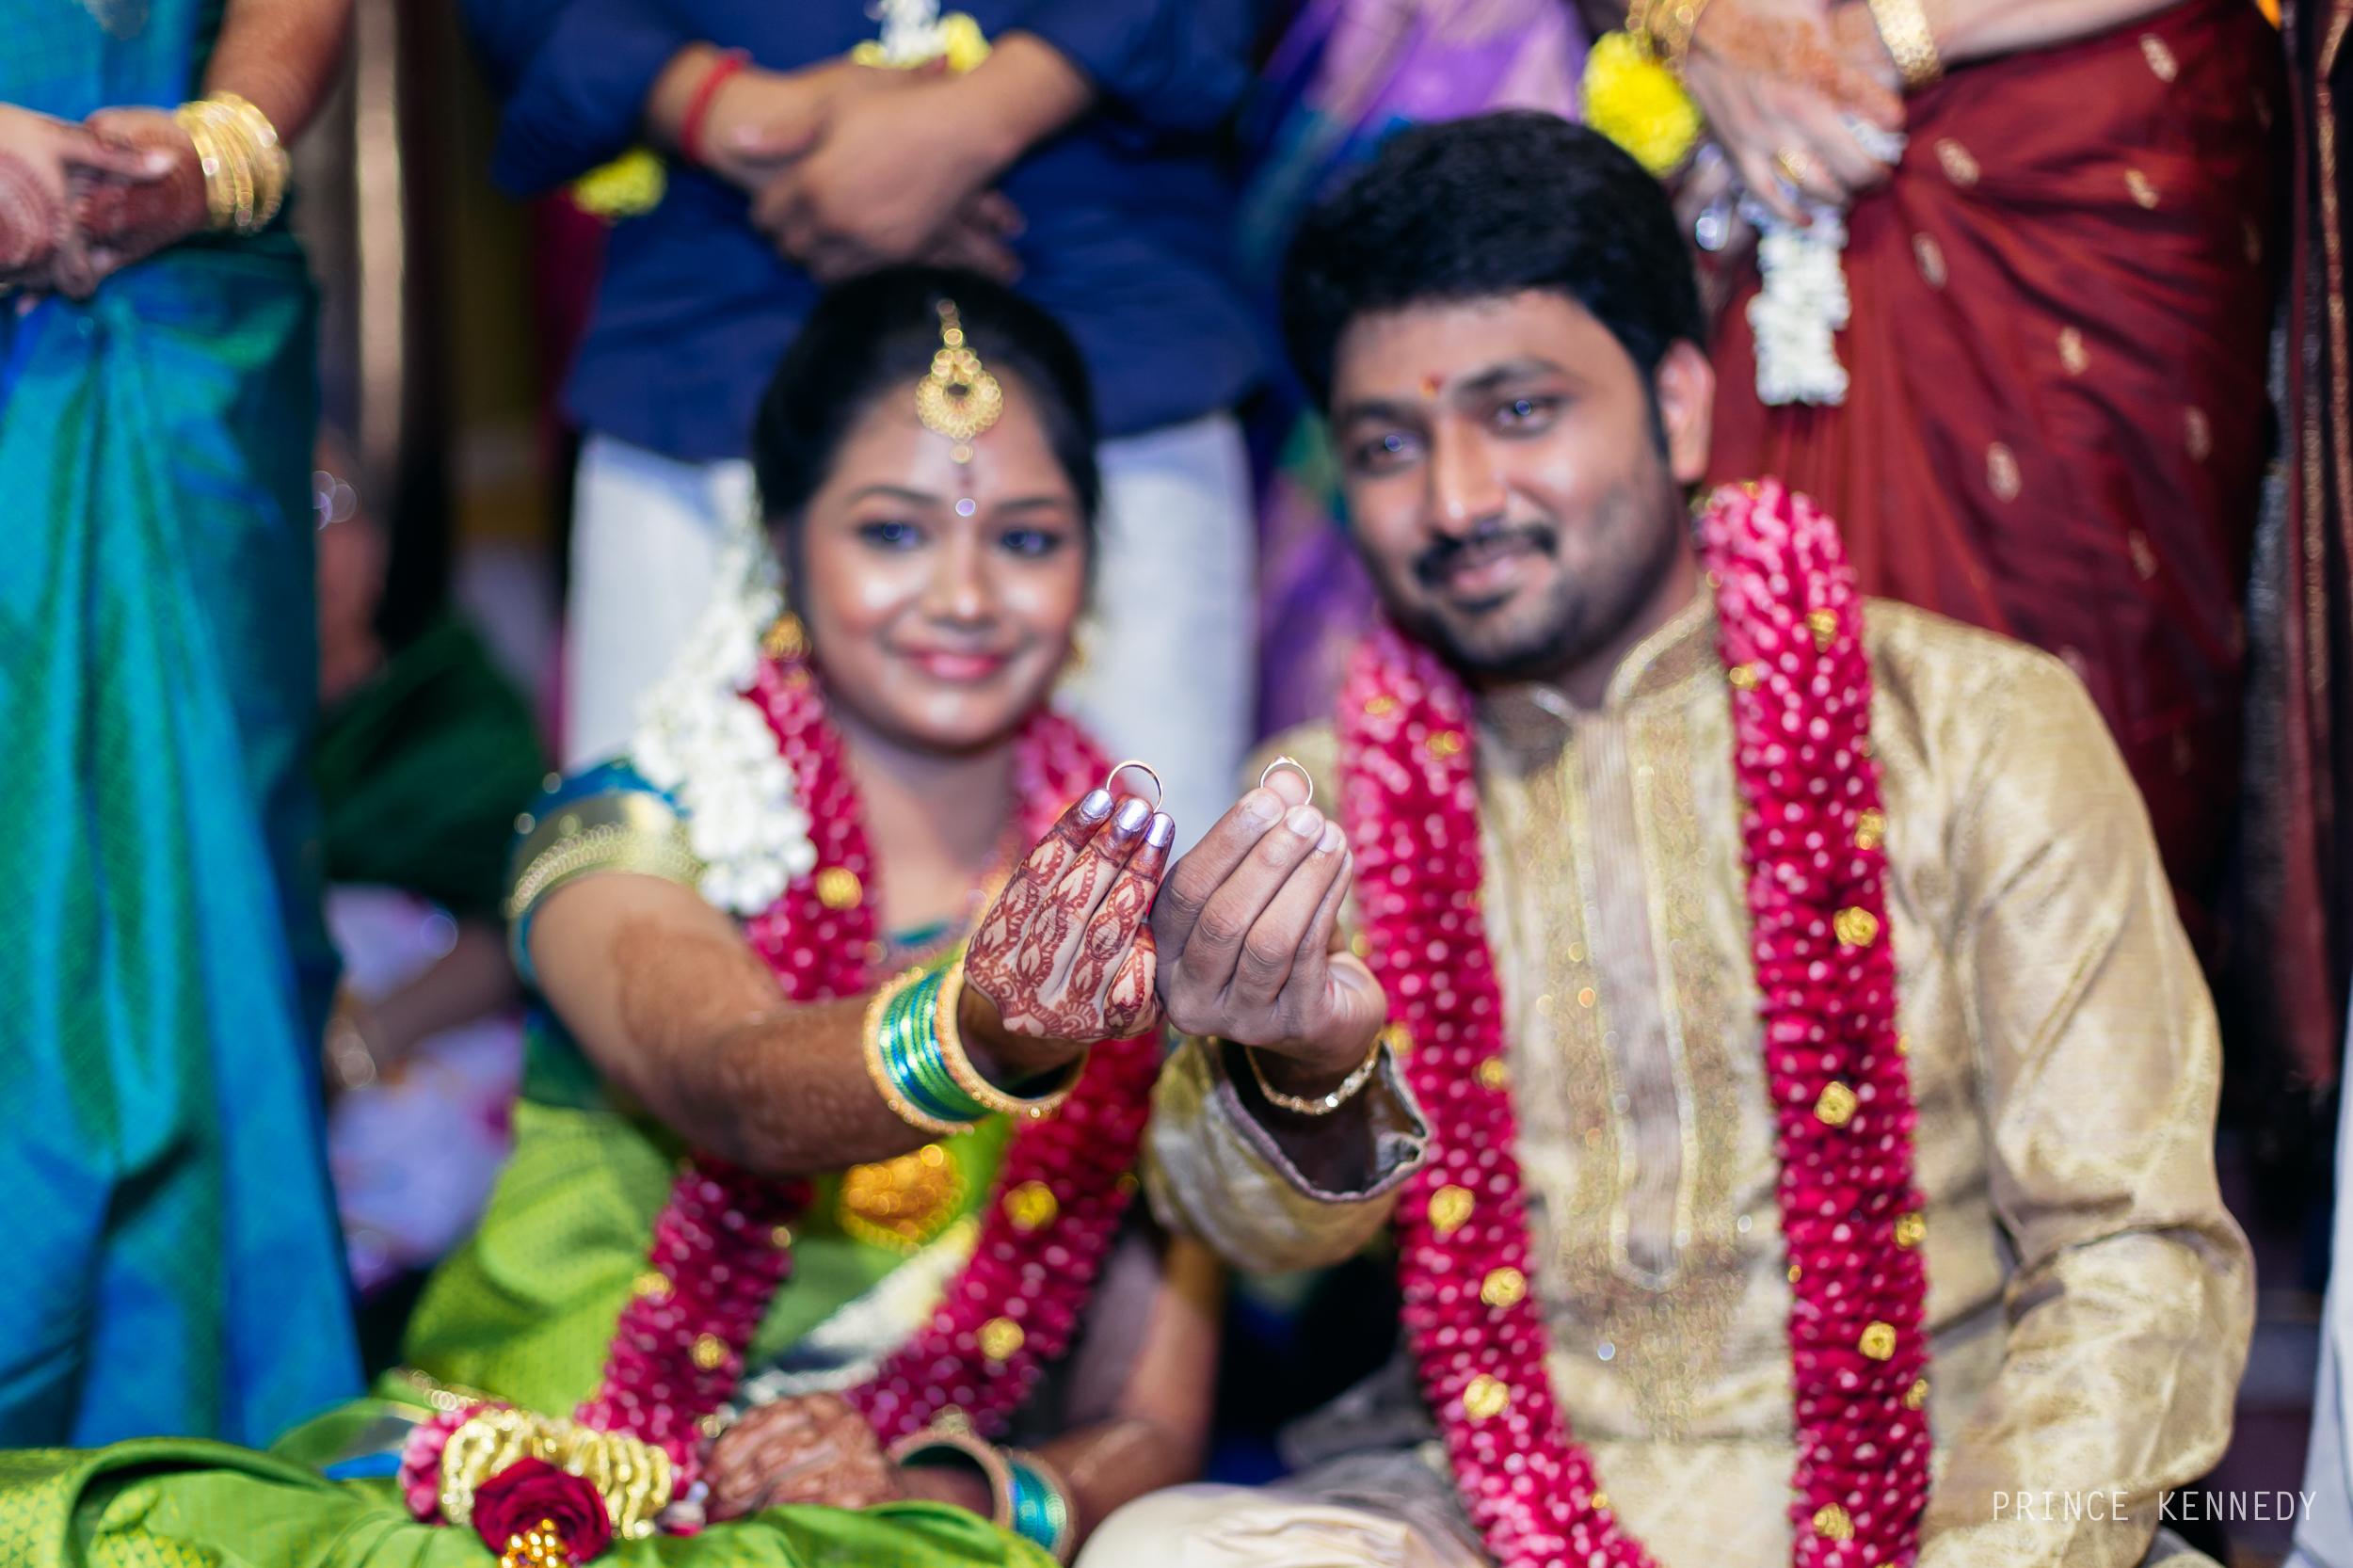 Engagement-Couple-Portrait-Portraiture-Wedding-Couple-Portrait-Chennai-Photographer-Candid-Photography-Destination-Best-Prince-Kennedy-Photography-227.jpg